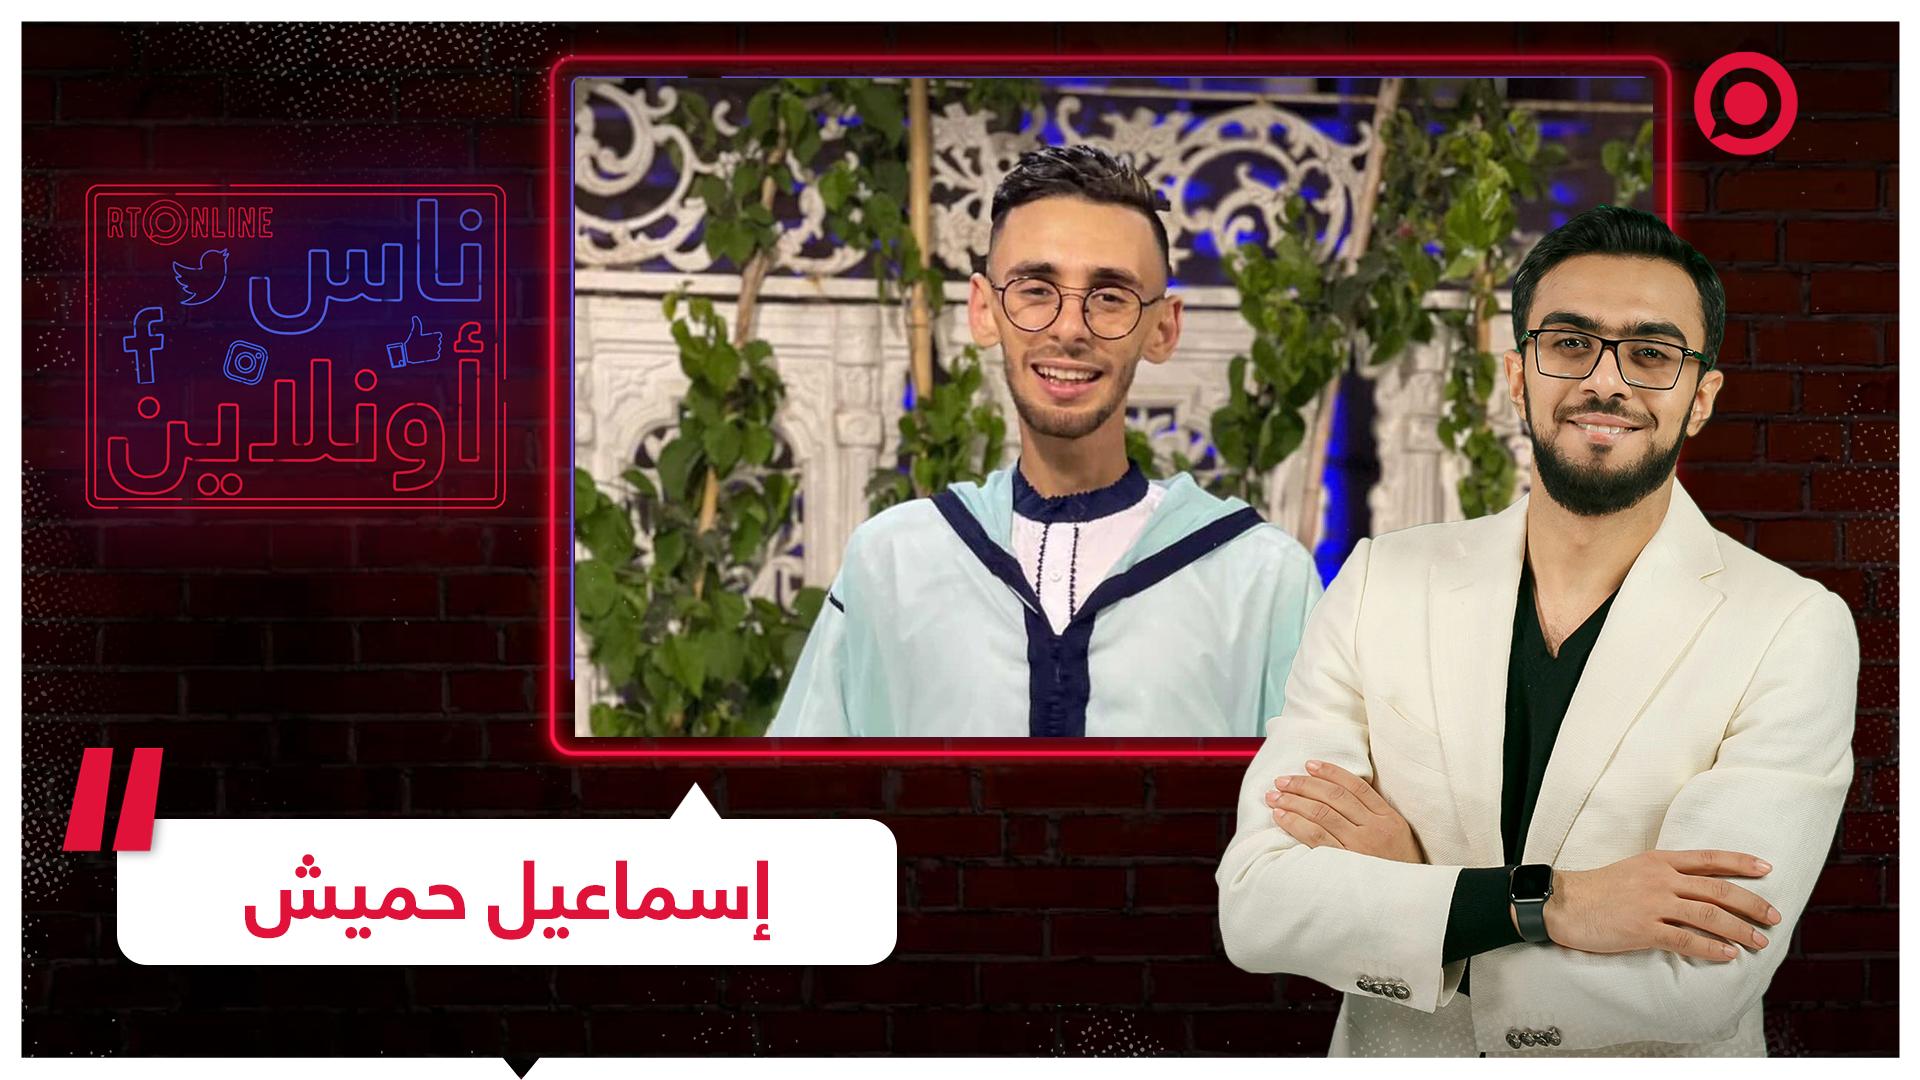 شاب مغربي يشن حربا على السرطان ويتسلح بالأمل